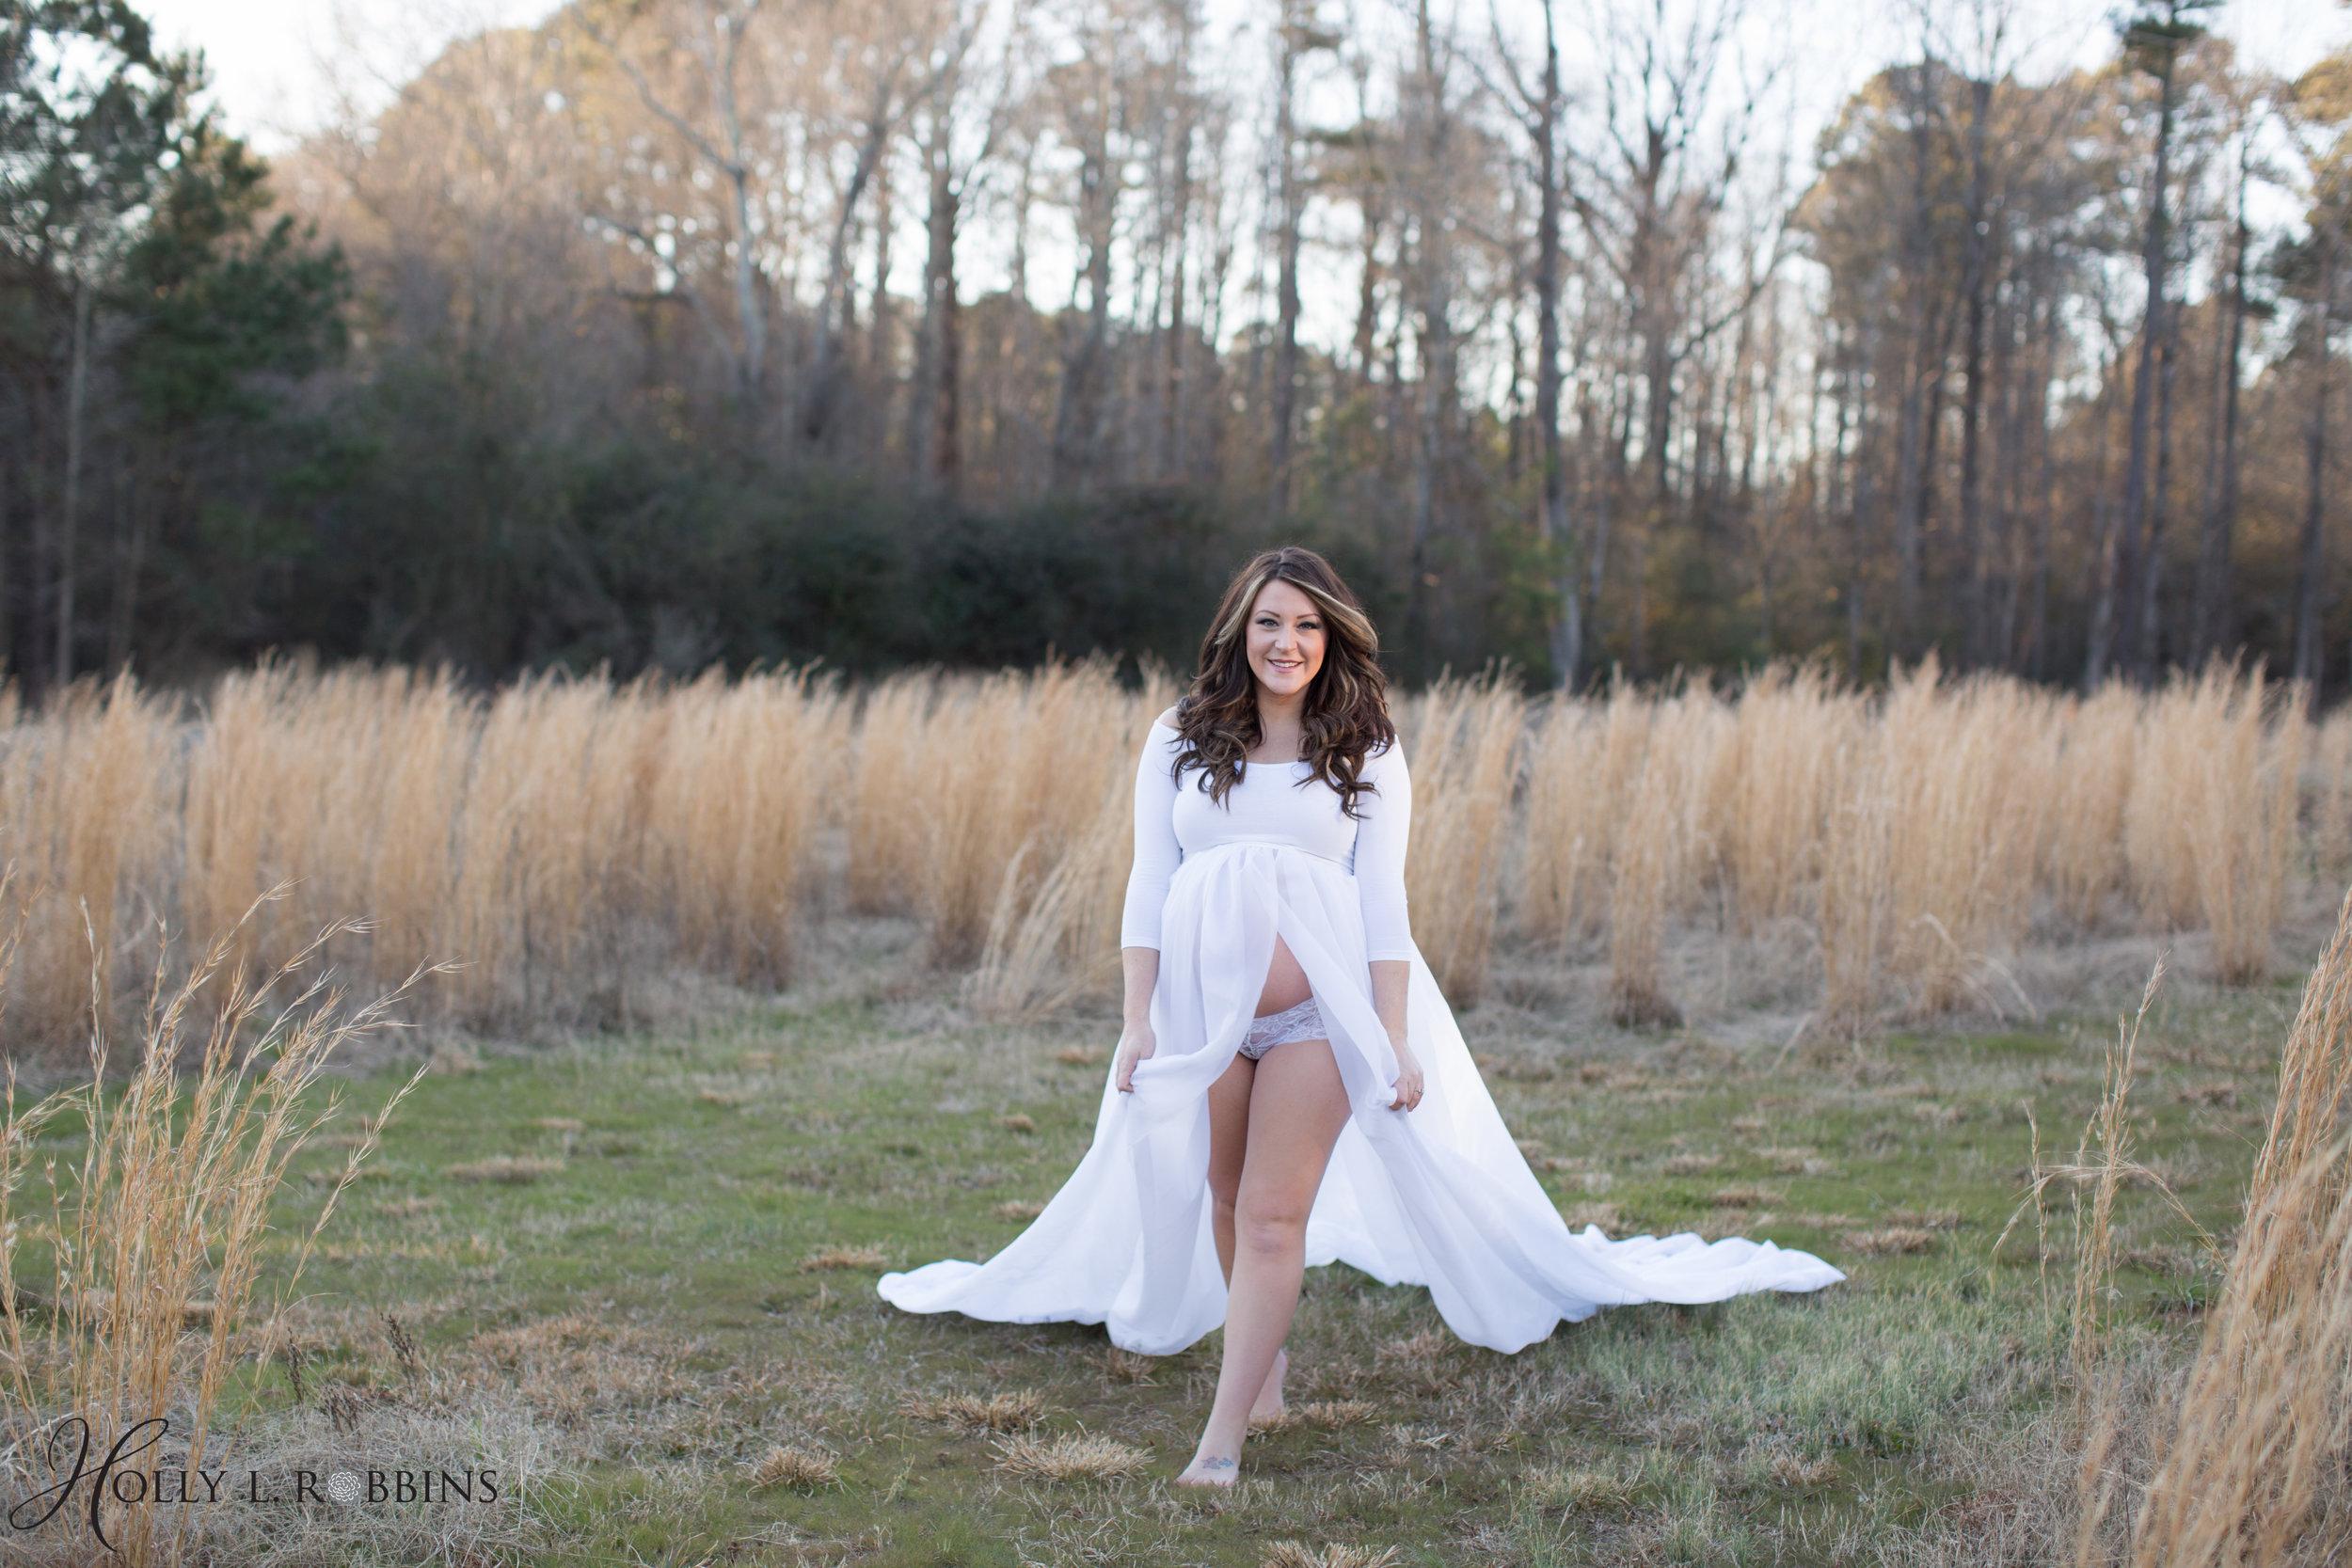 Social_Circle_Ga_Maternity_Photographers_Holly_L_Robbins-15